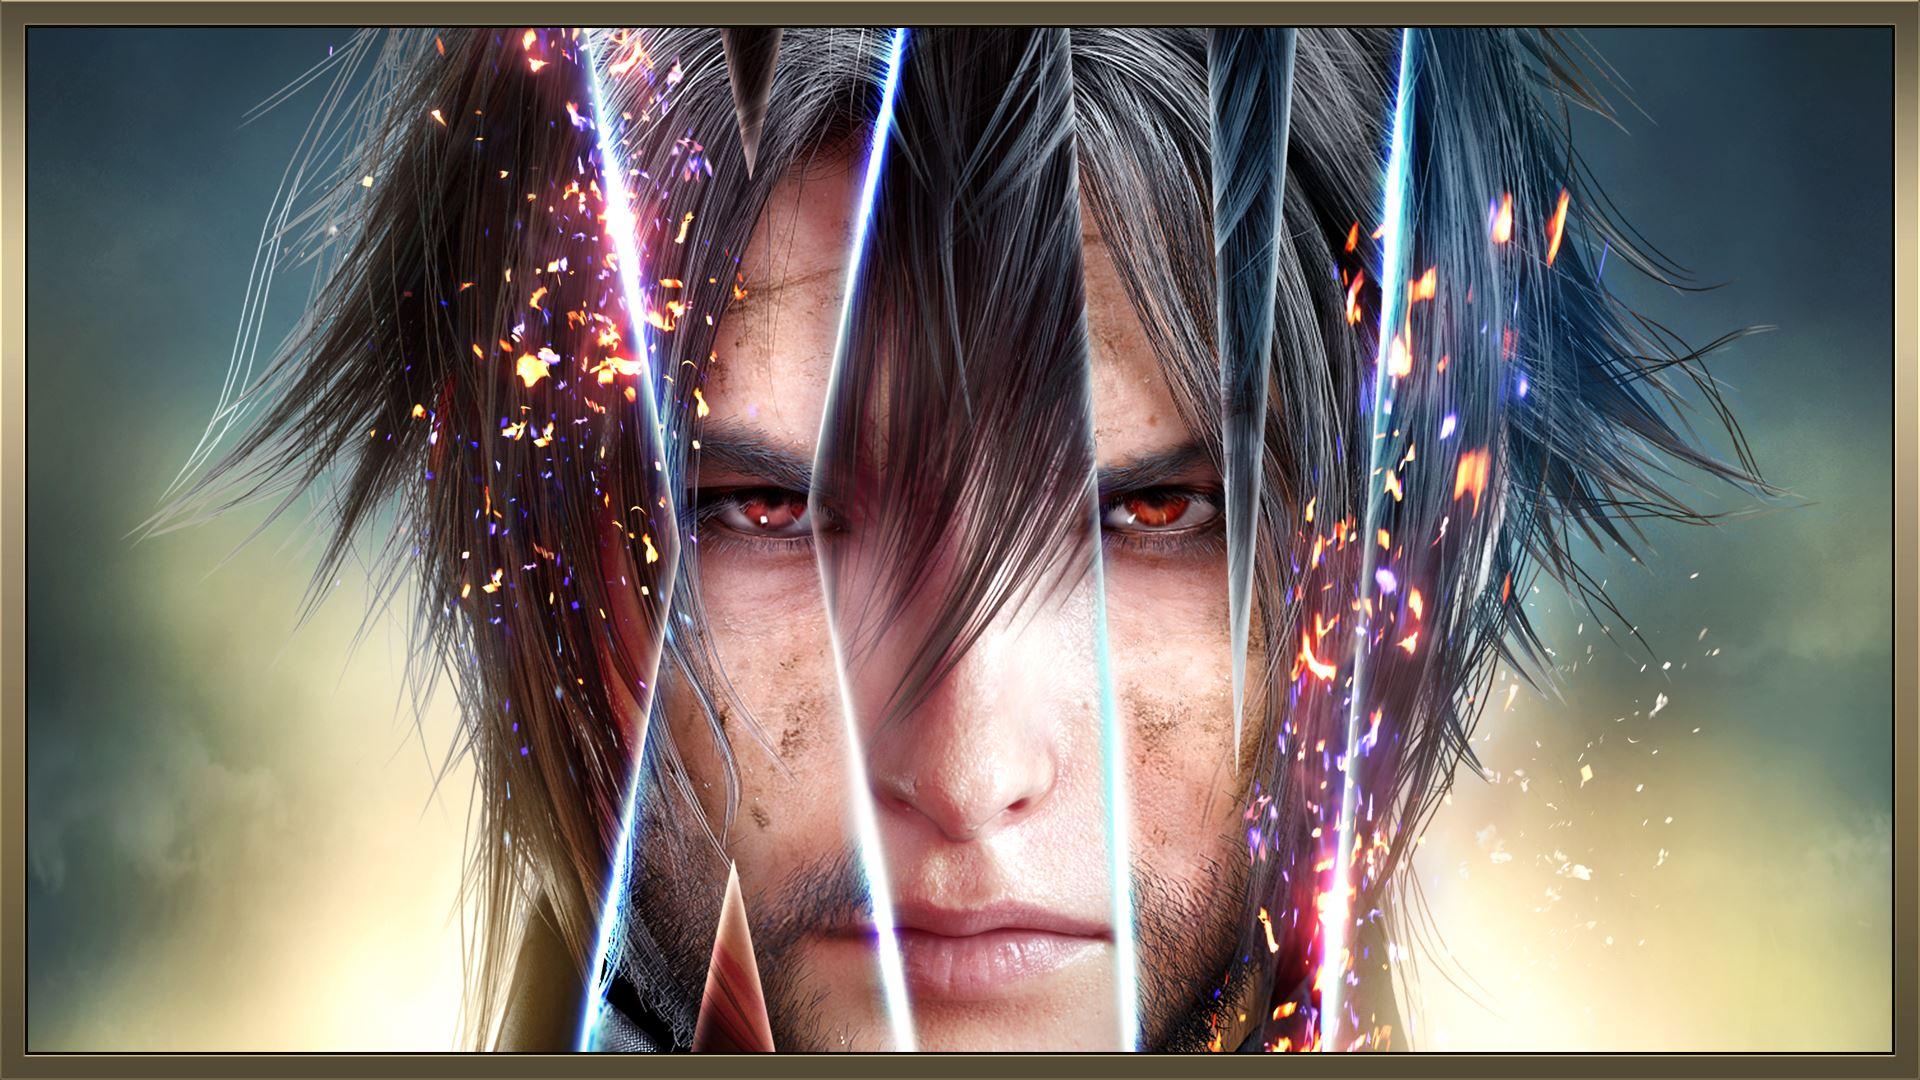 Final Fantasy Xv Royal Edition Hd Games 4k Wallpapers: Final Fantasy XV Windows Edition Para Windows 10 Y Royal